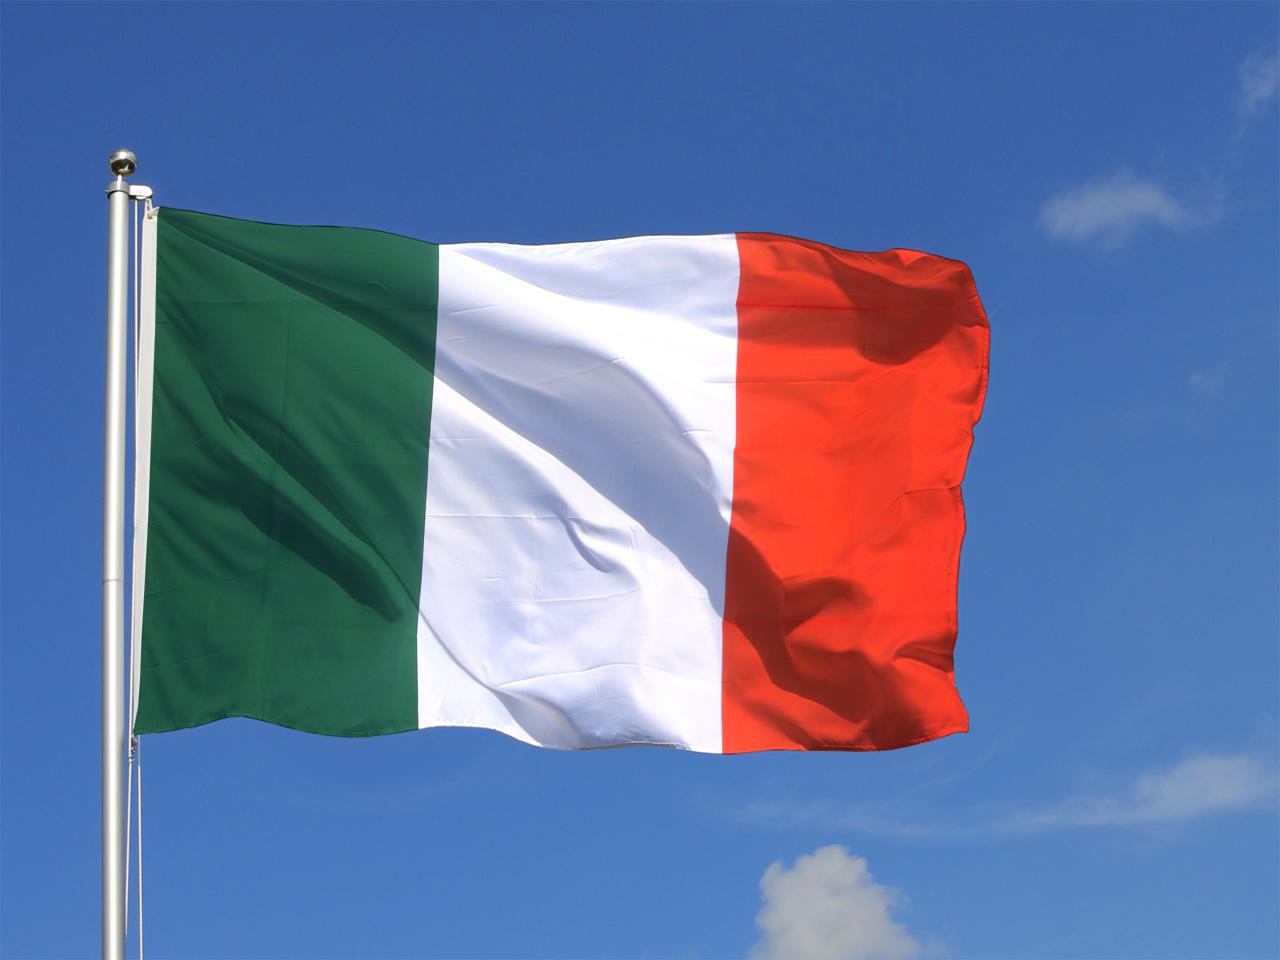 L'Italie franchit le cap des 2000 pistes de padel